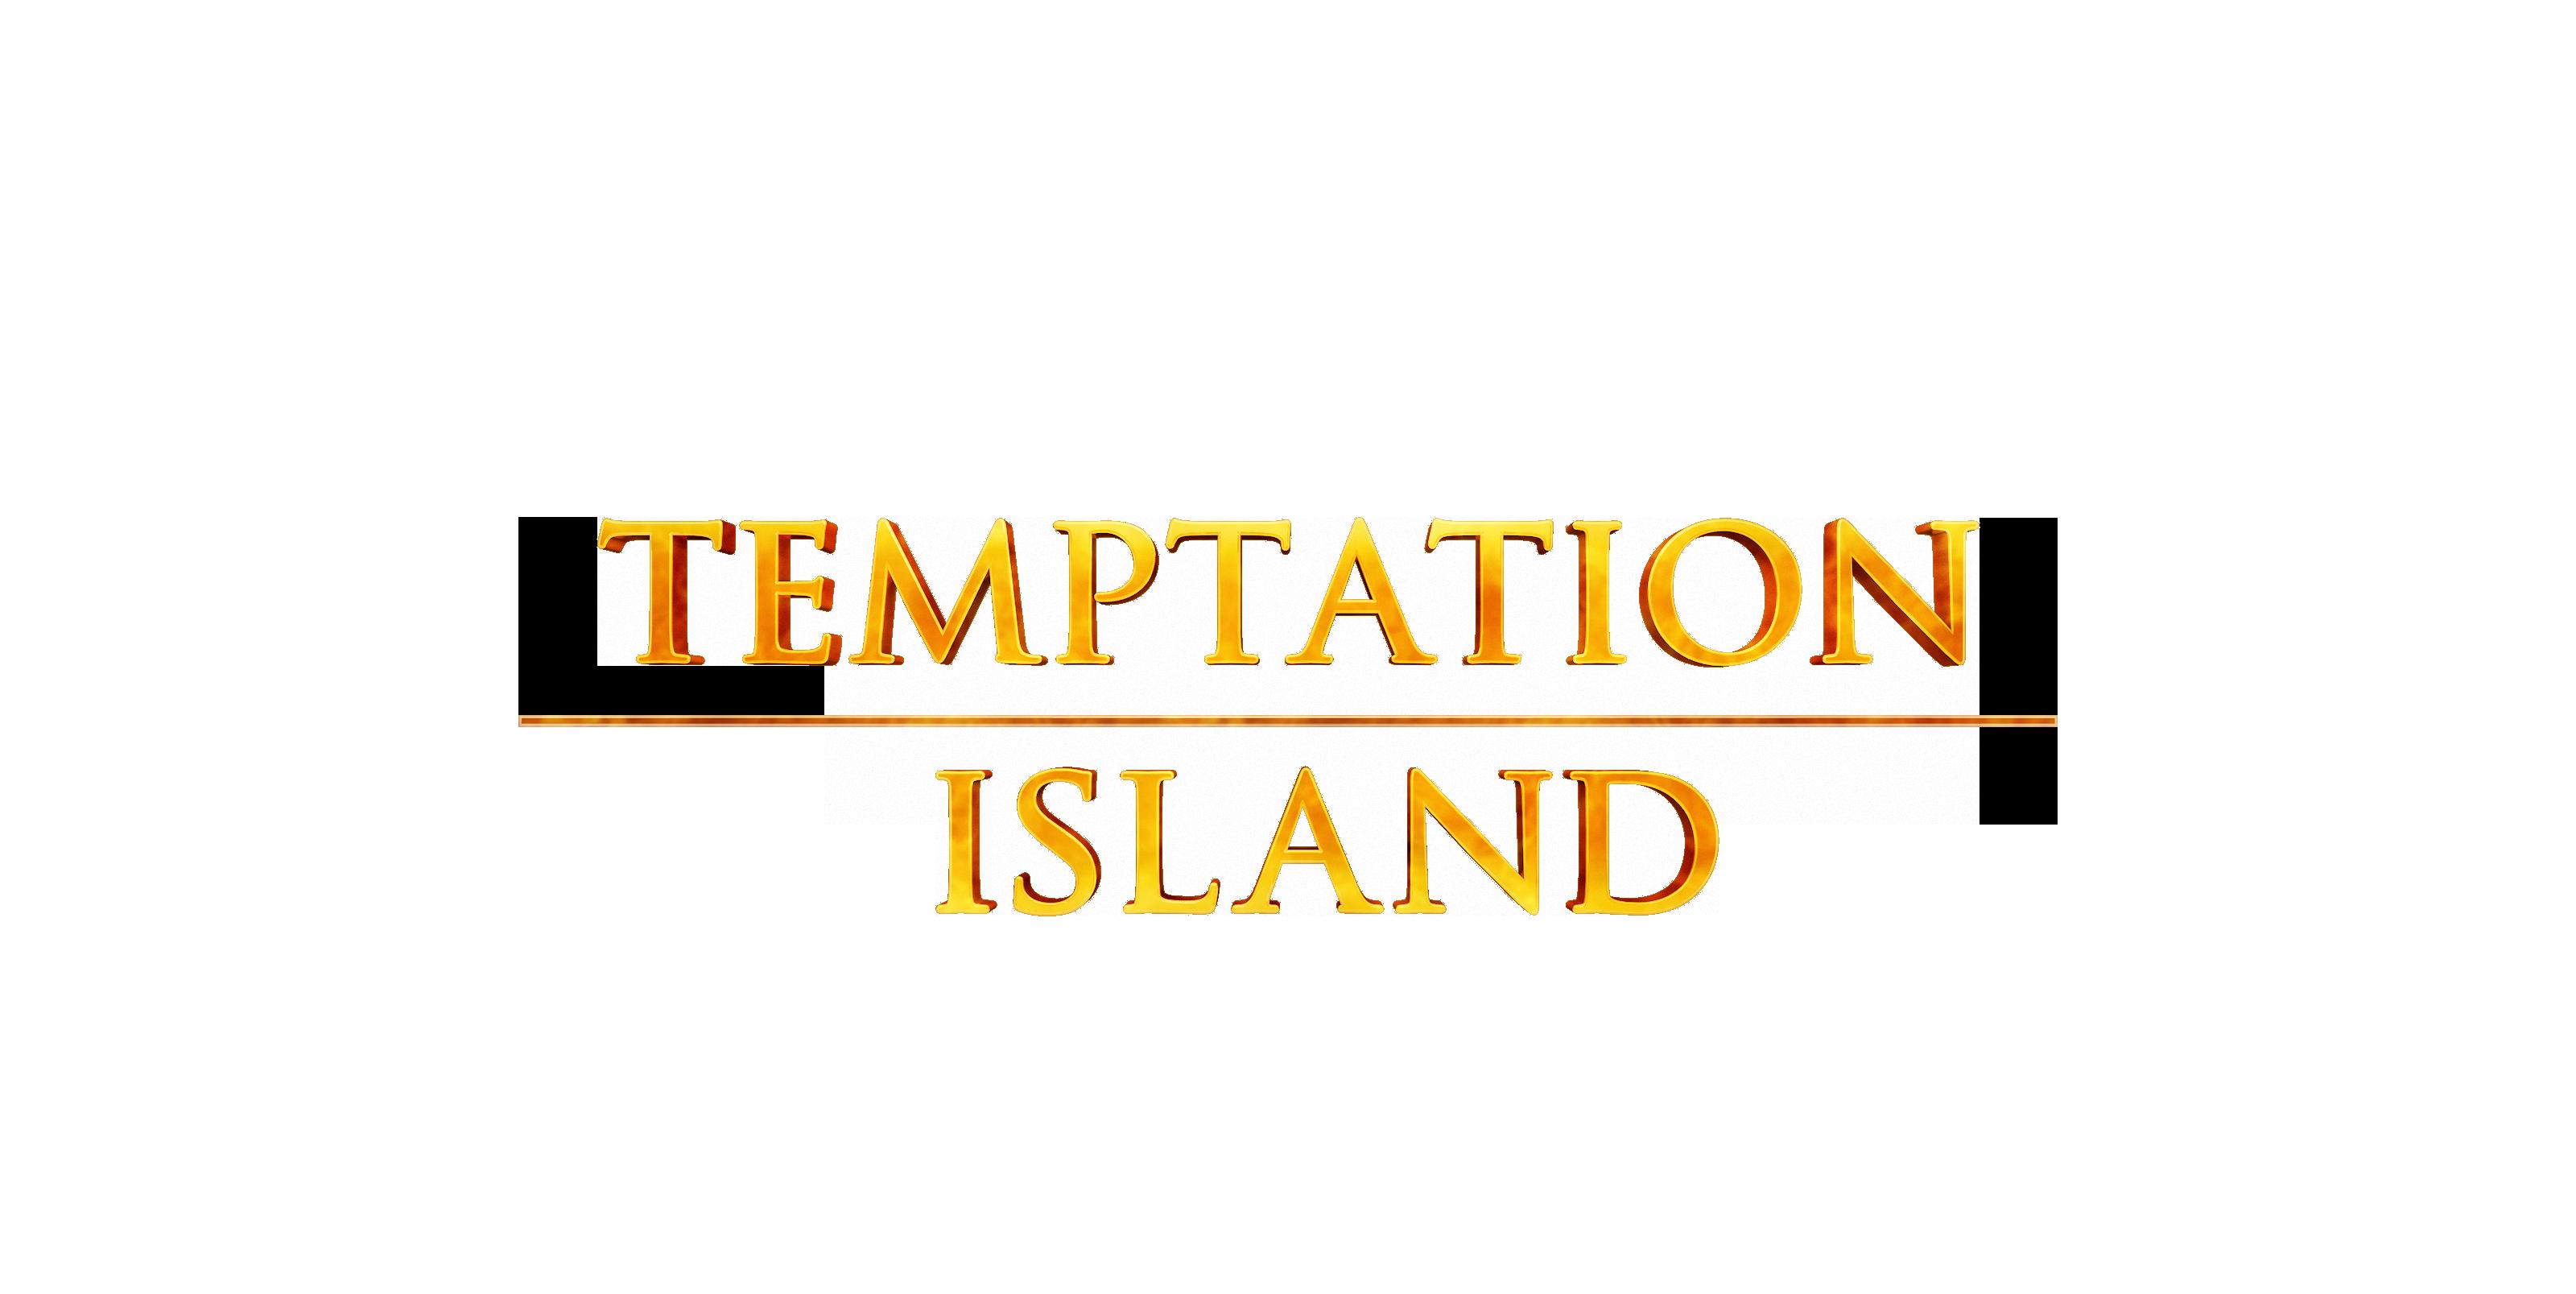 Temptation-Island-verleiders